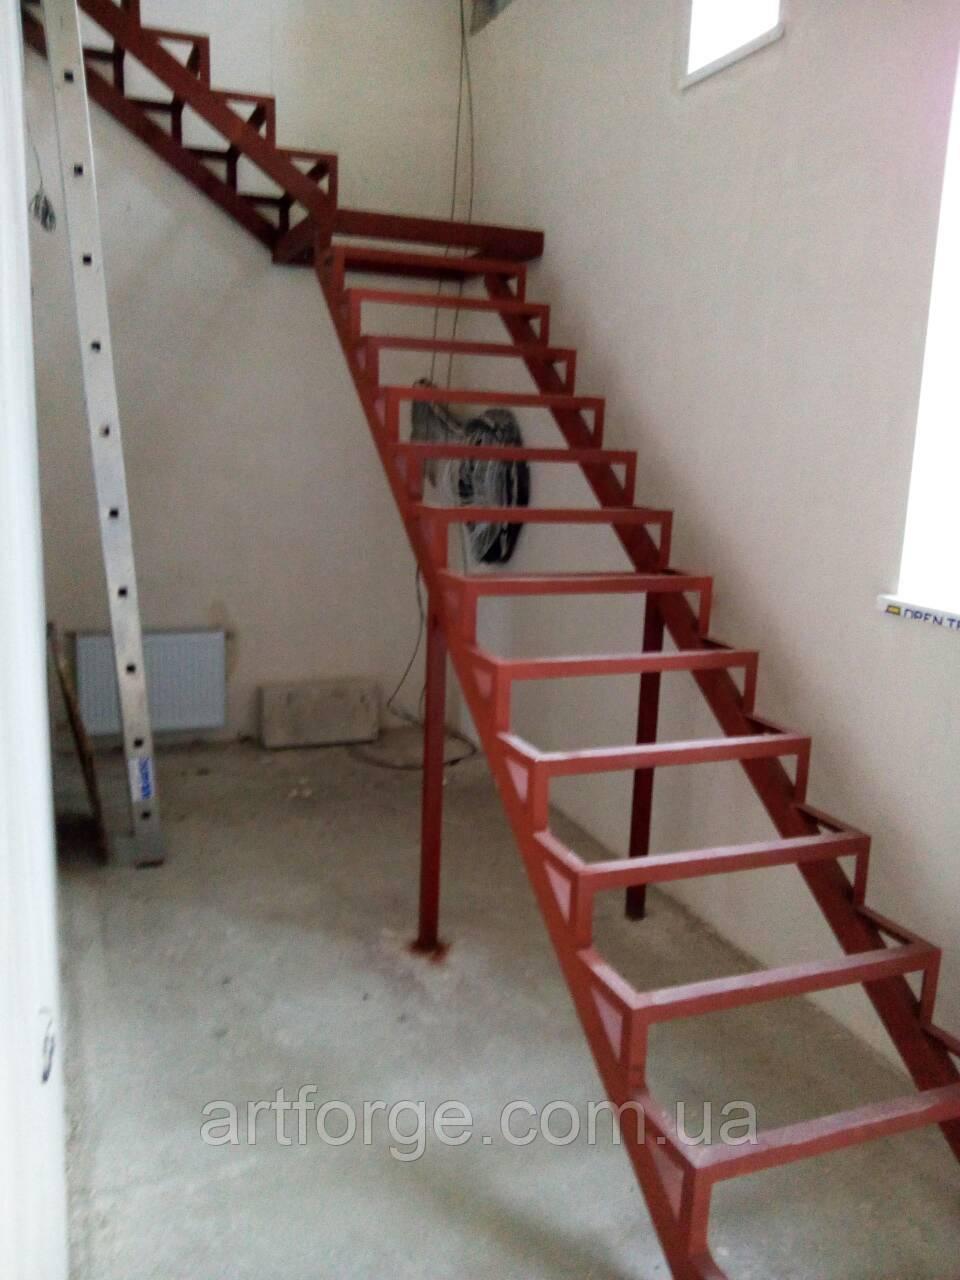 Каркас лестницы с поворотом 90 гр.